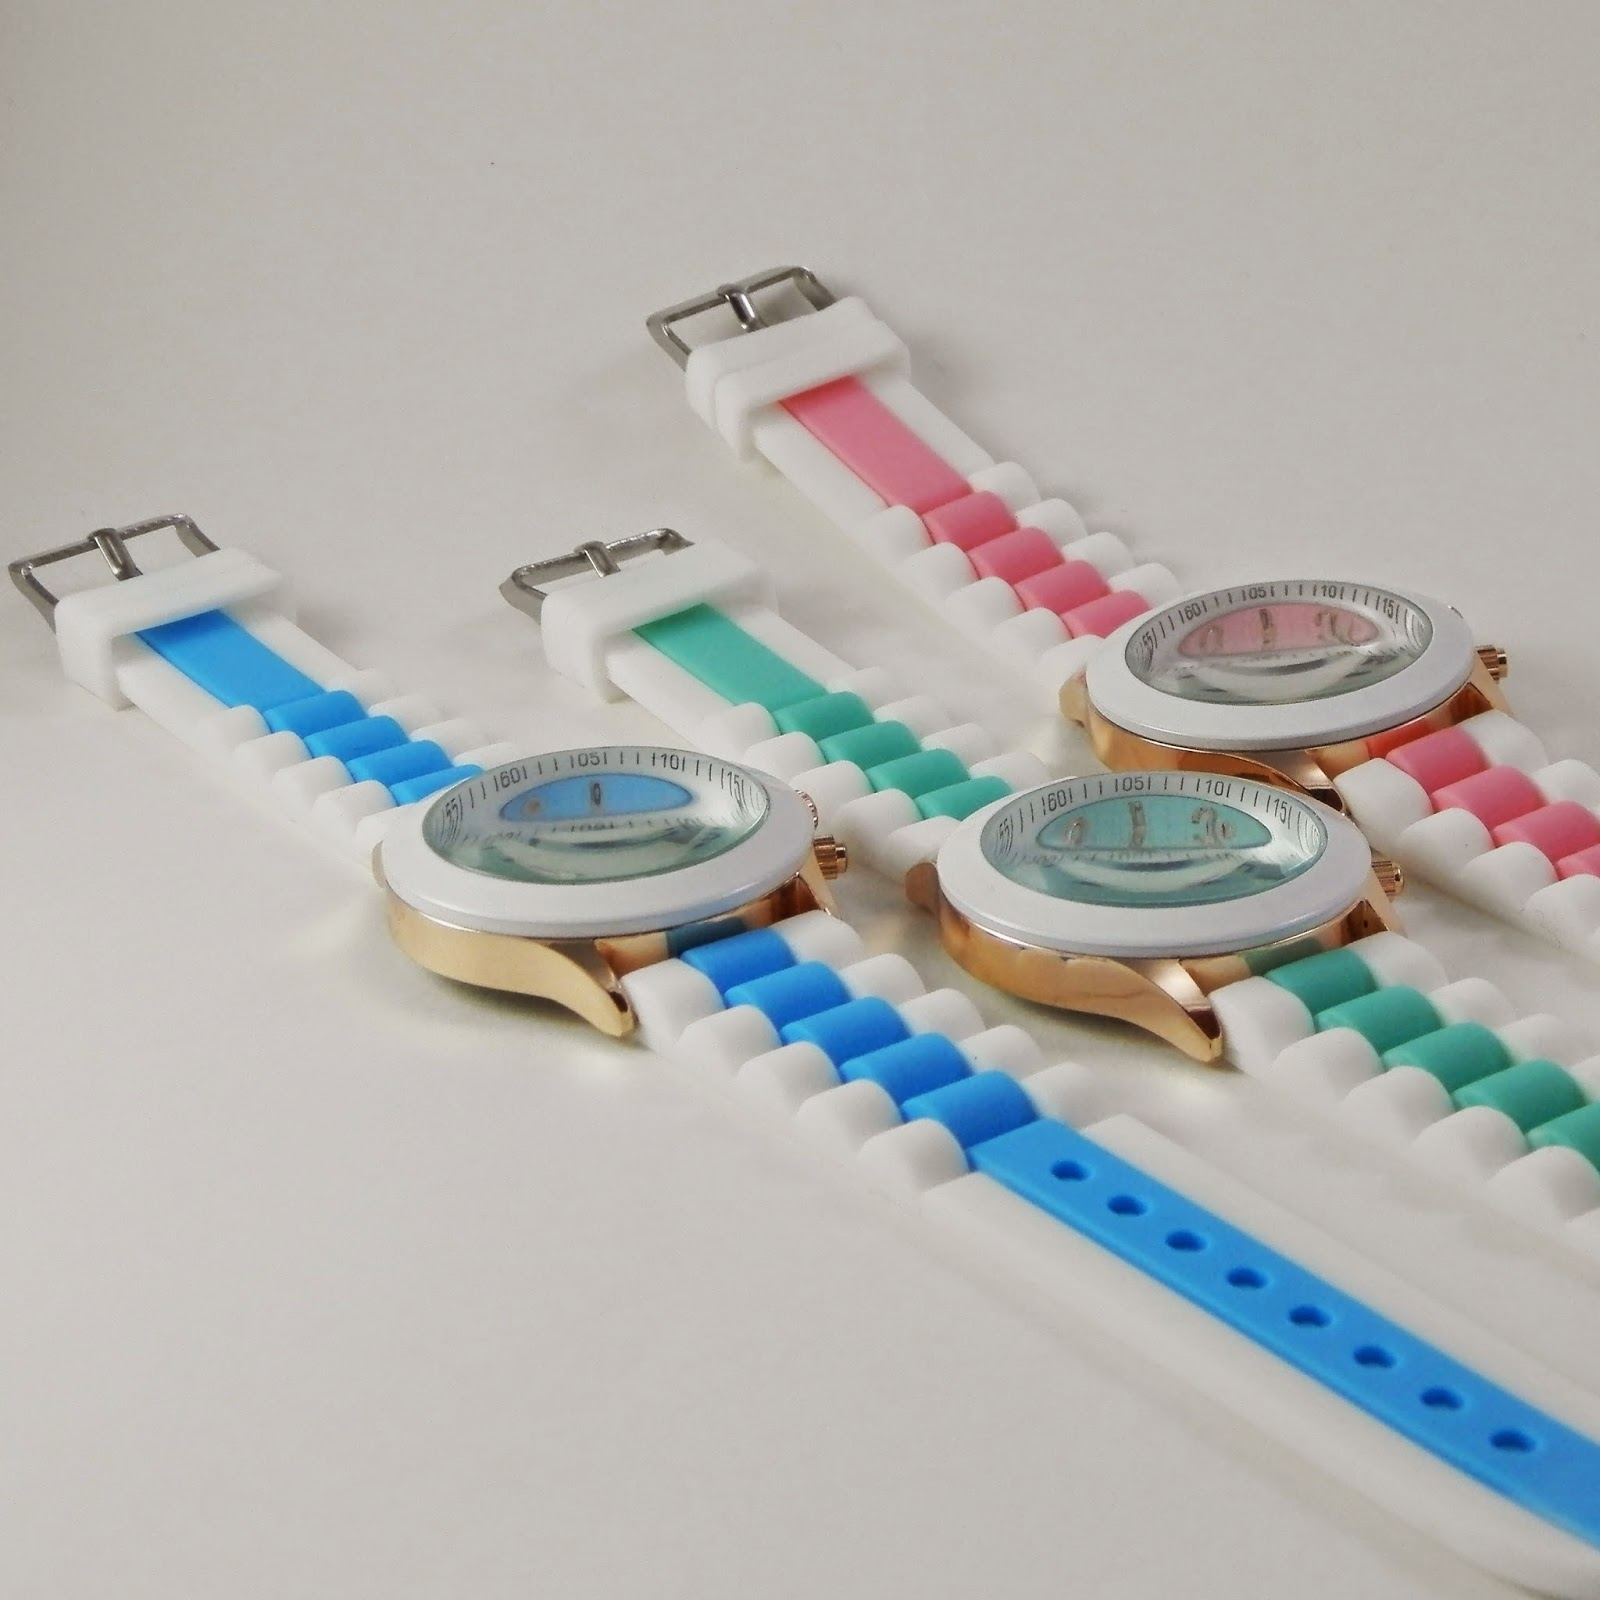 http://www.missbrumma.com/#!relojes/c17hg